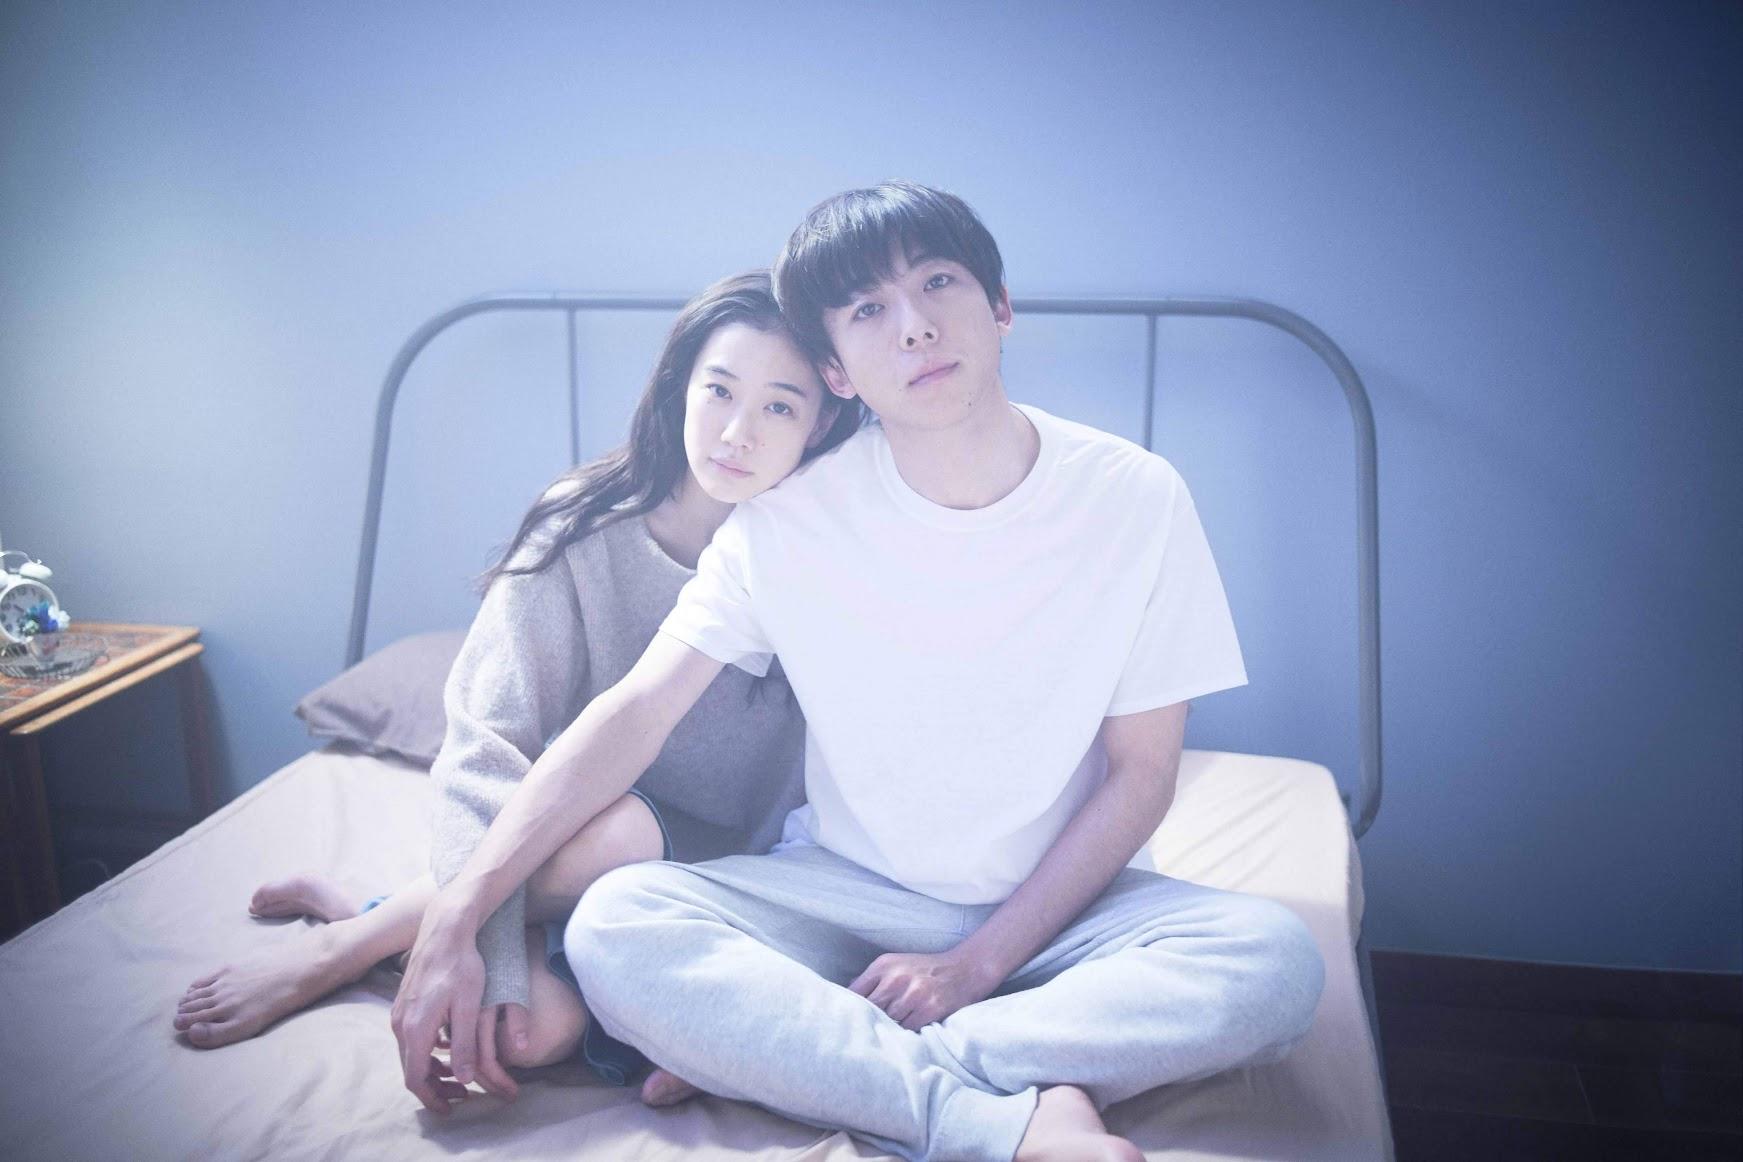 《 愛情人形 》 情人節 上映 高橋一生 、 蒼井優 向台灣粉絲問候